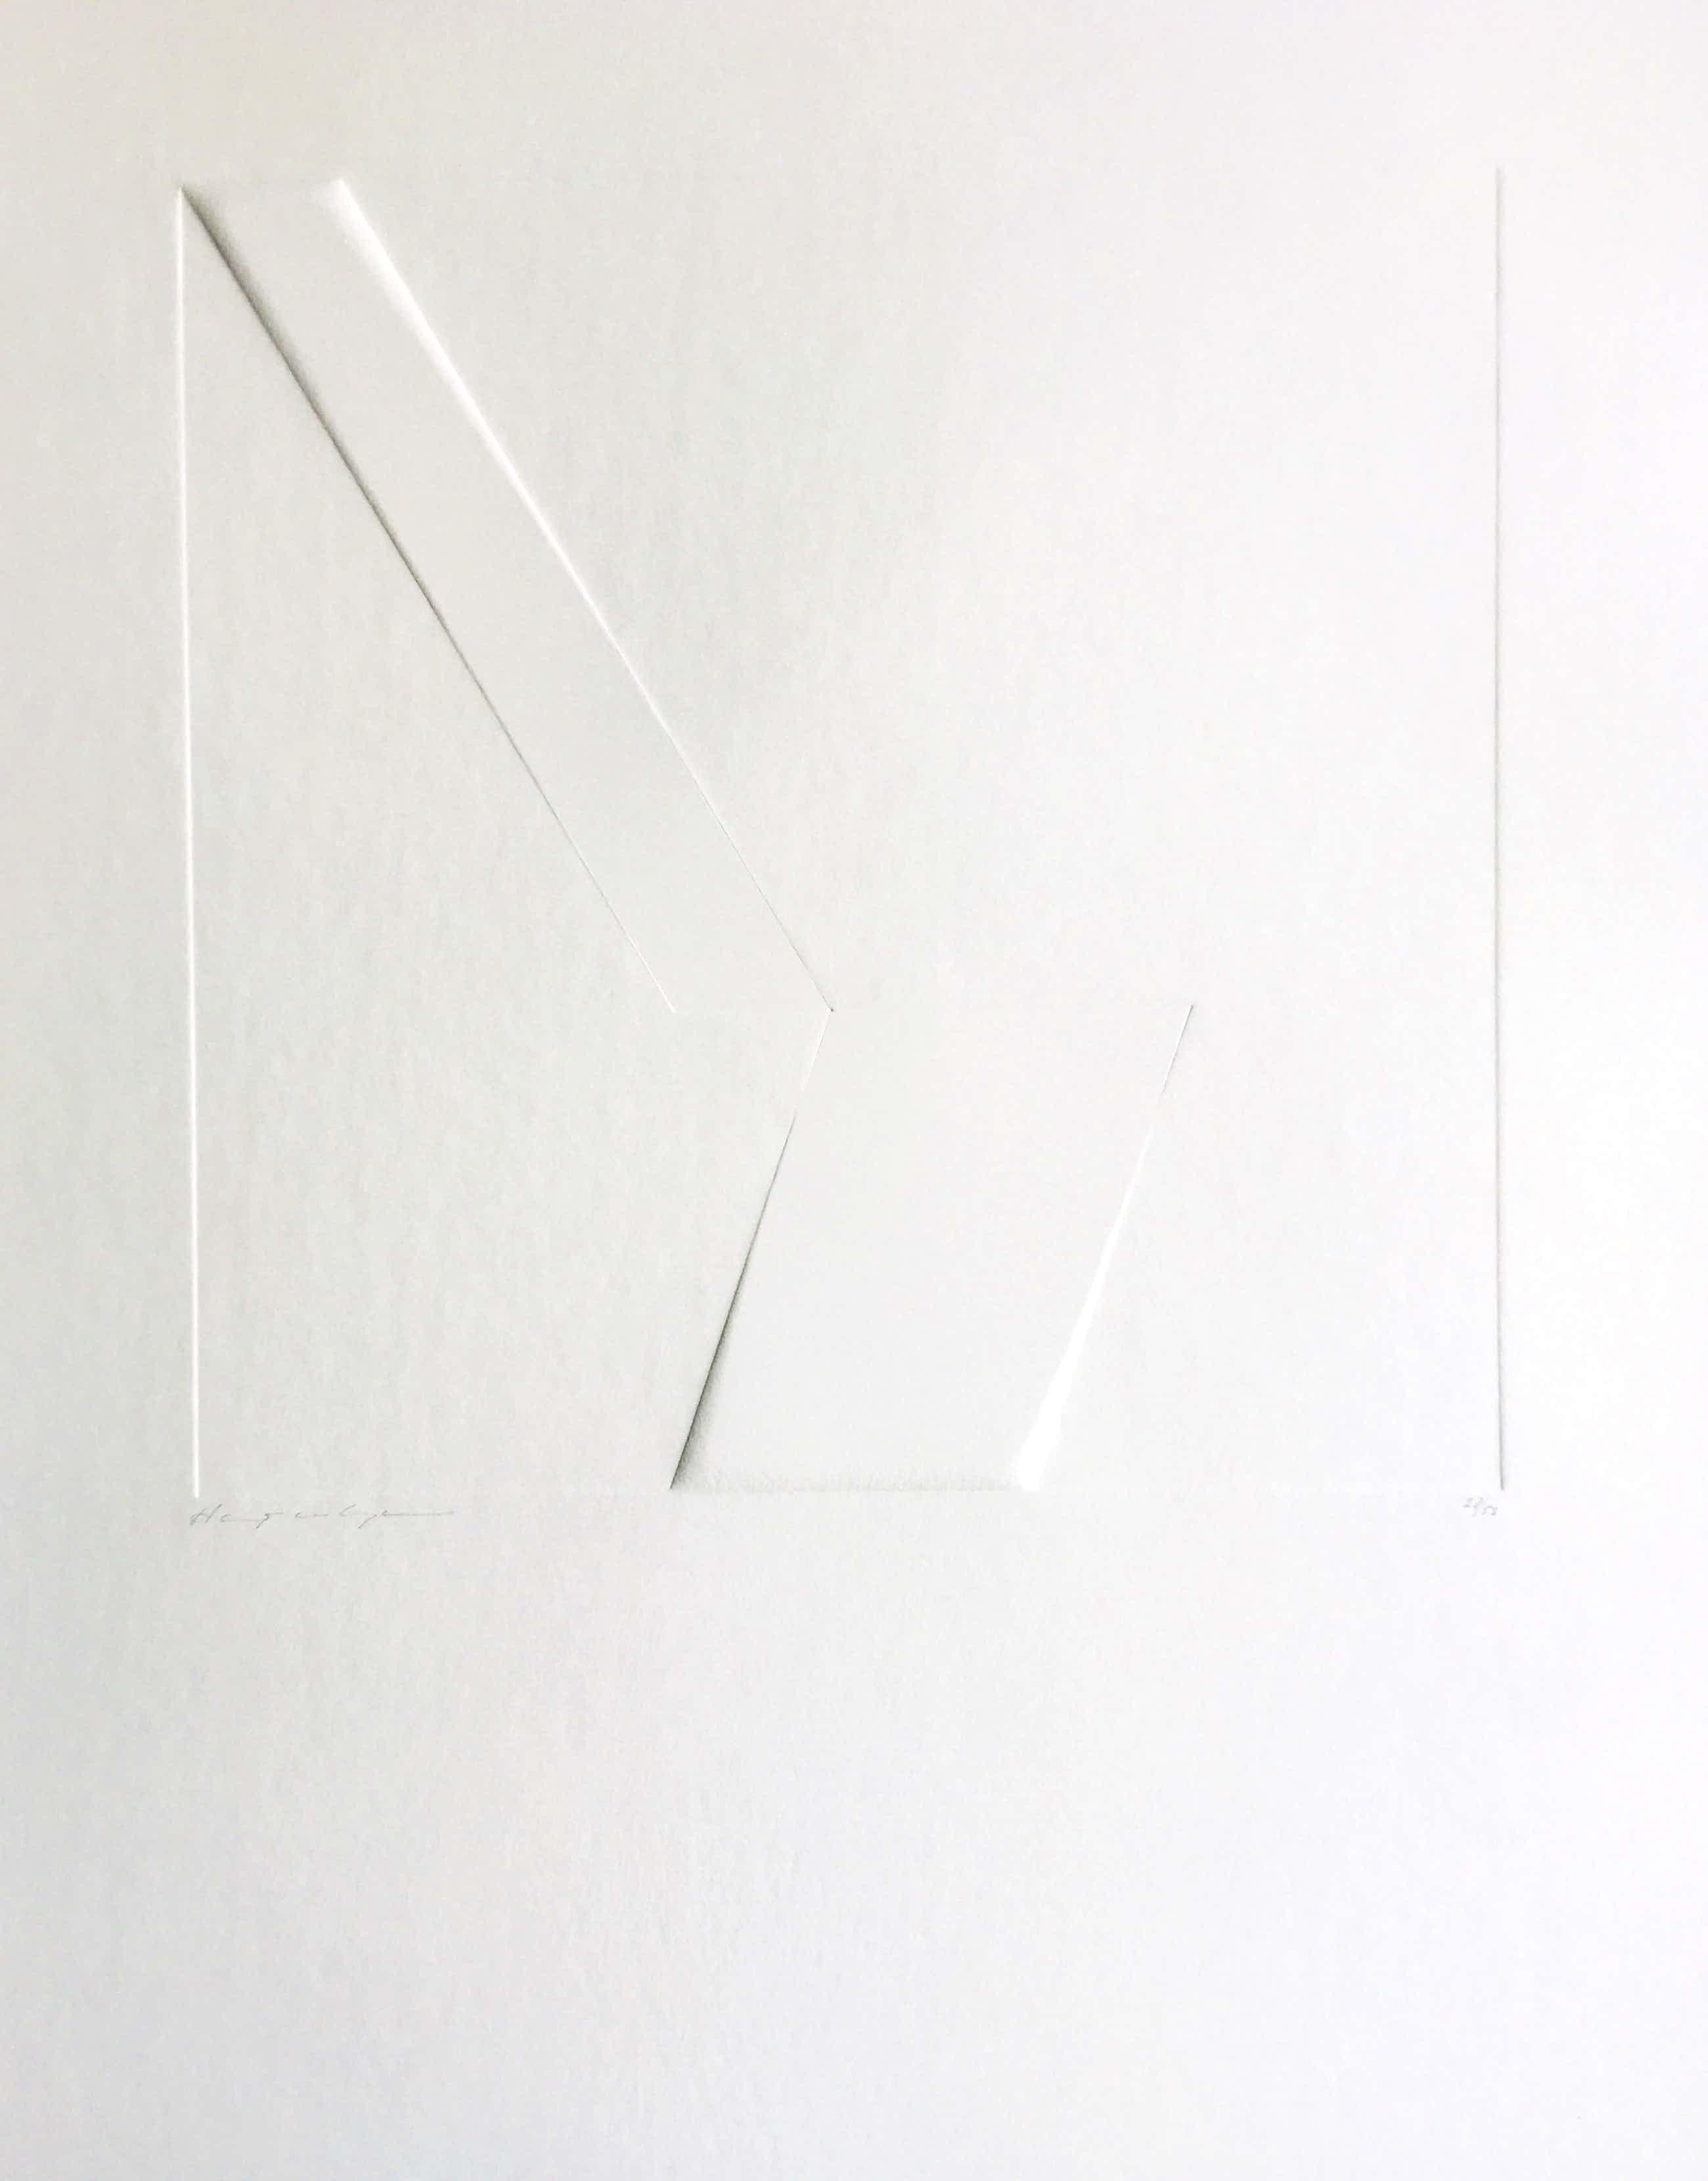 Harry van Kuyk - minimalistische diepdruk - 1973 - ZERO. kopen? Bied vanaf 275!